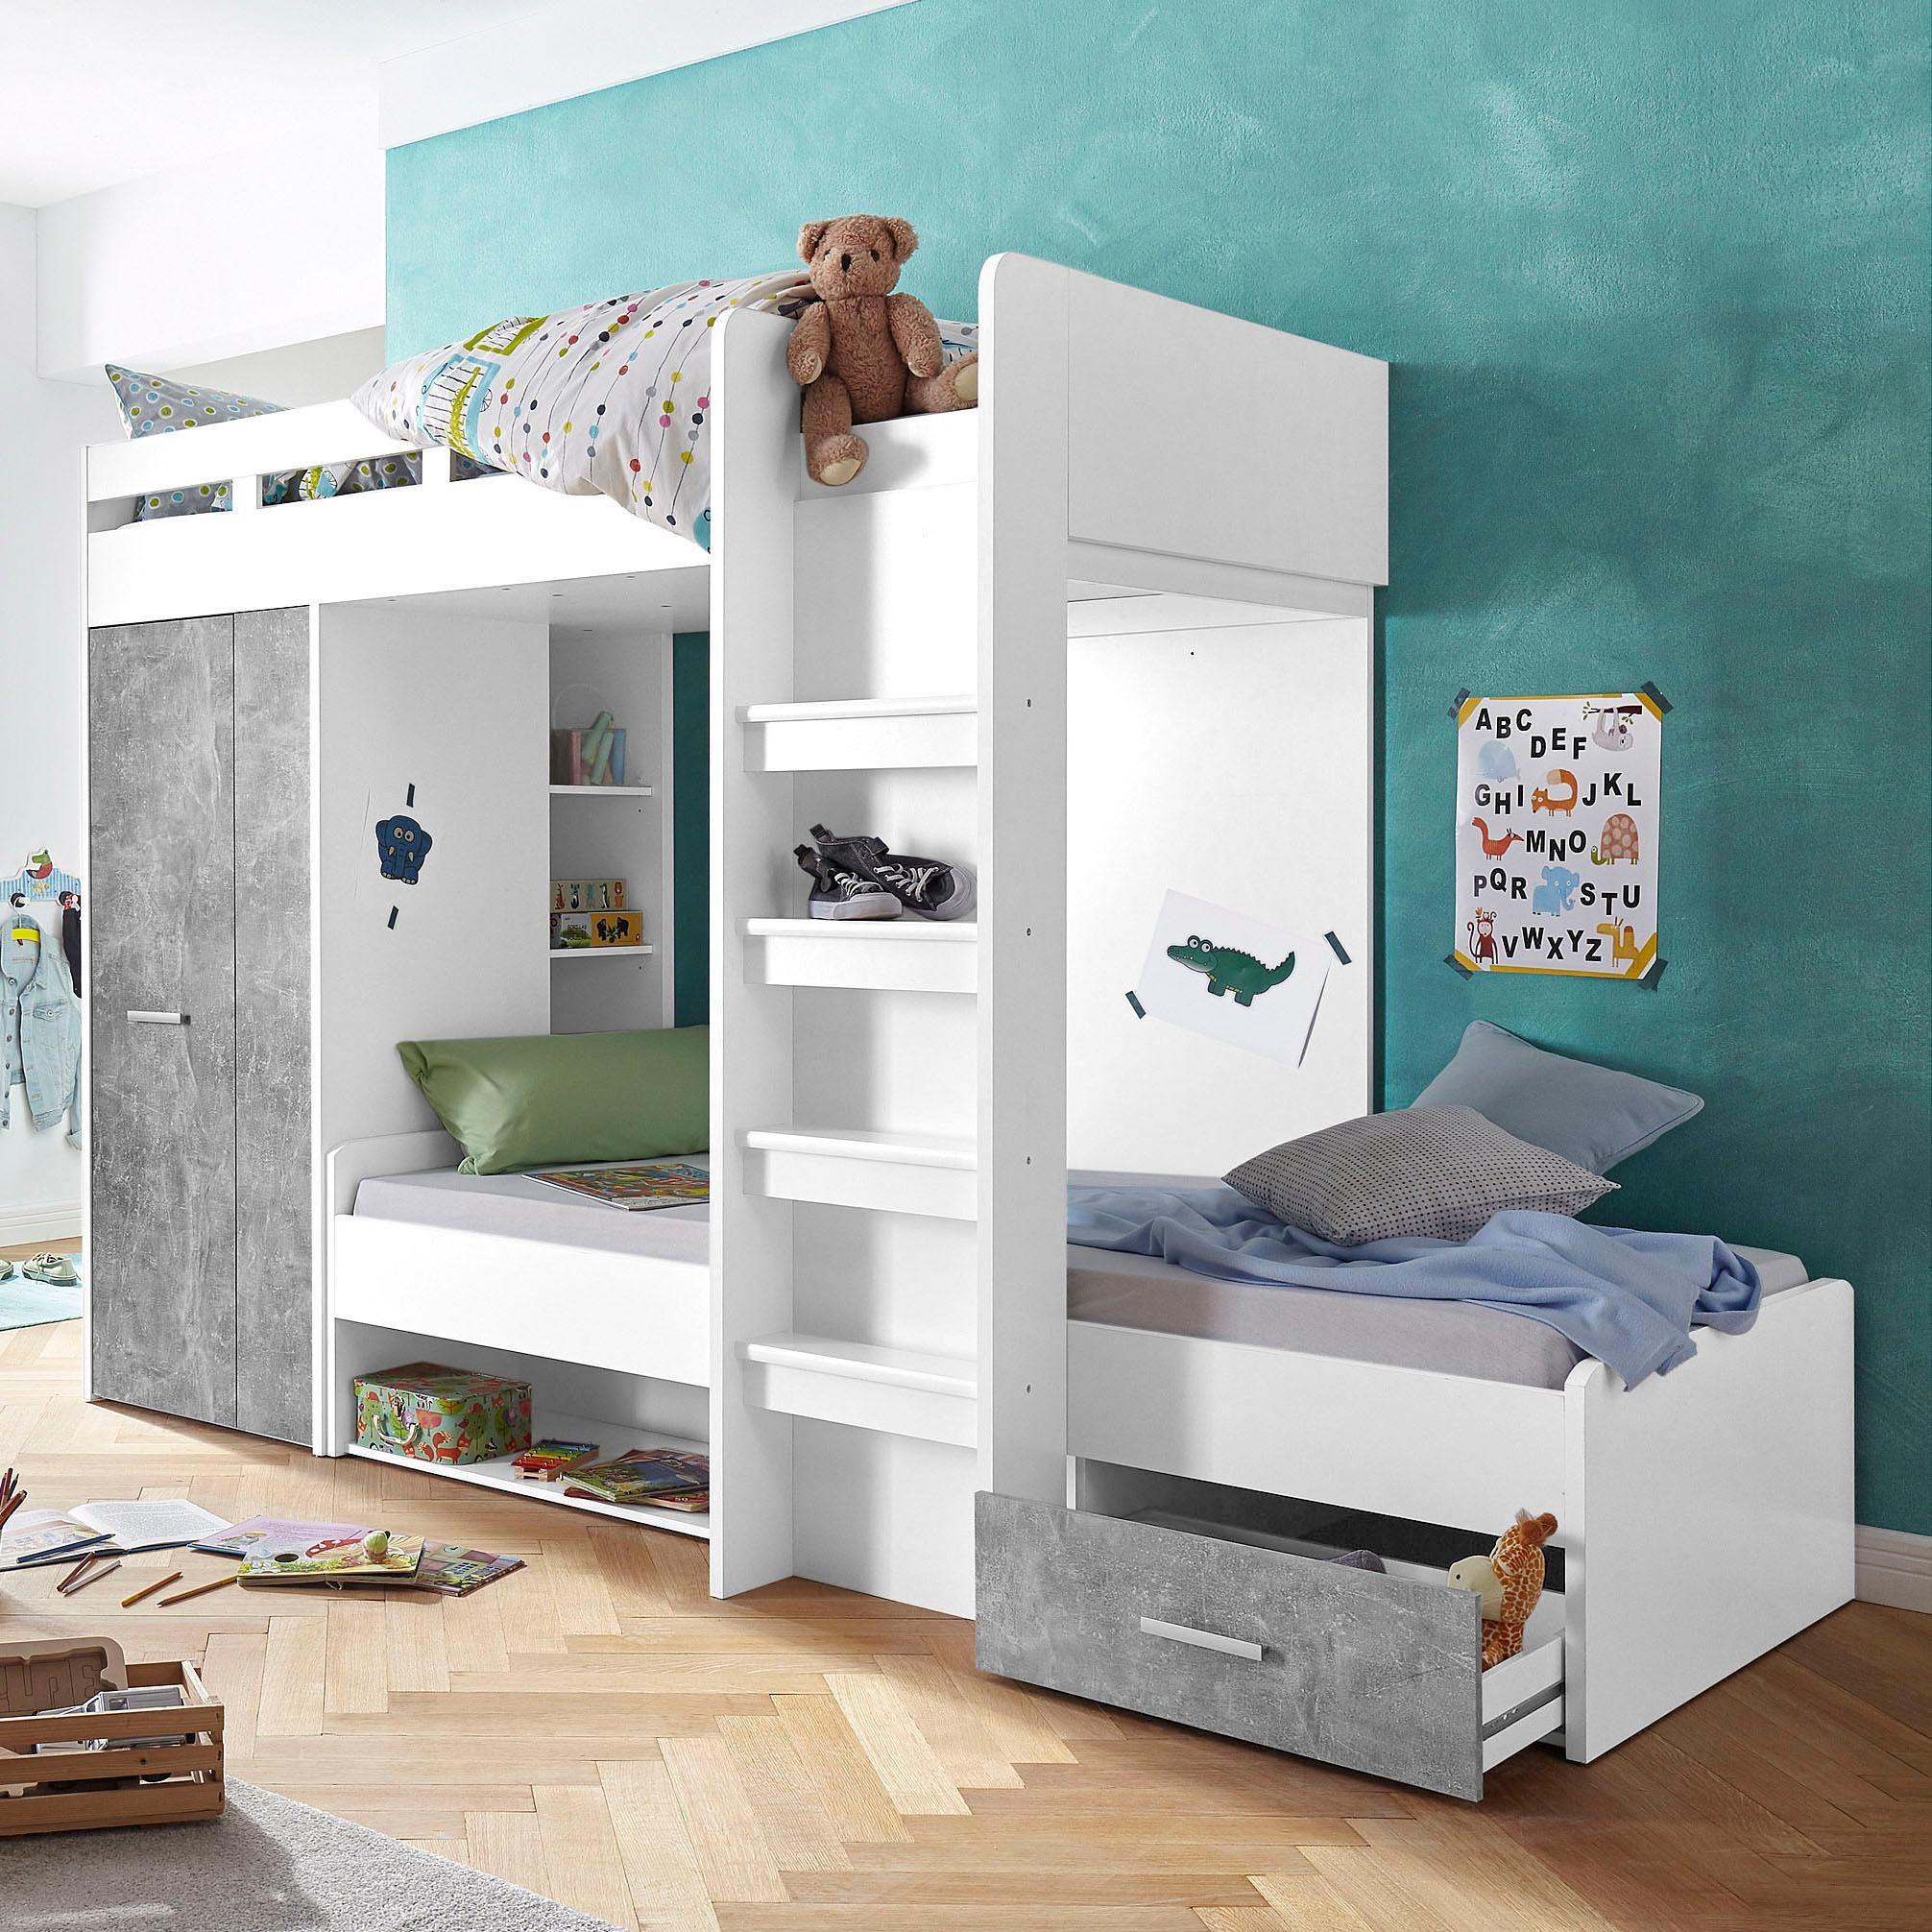 Etagenbett Kinder Mit Schrank : Kinderhochbetten online auf rechnung kaufen baur